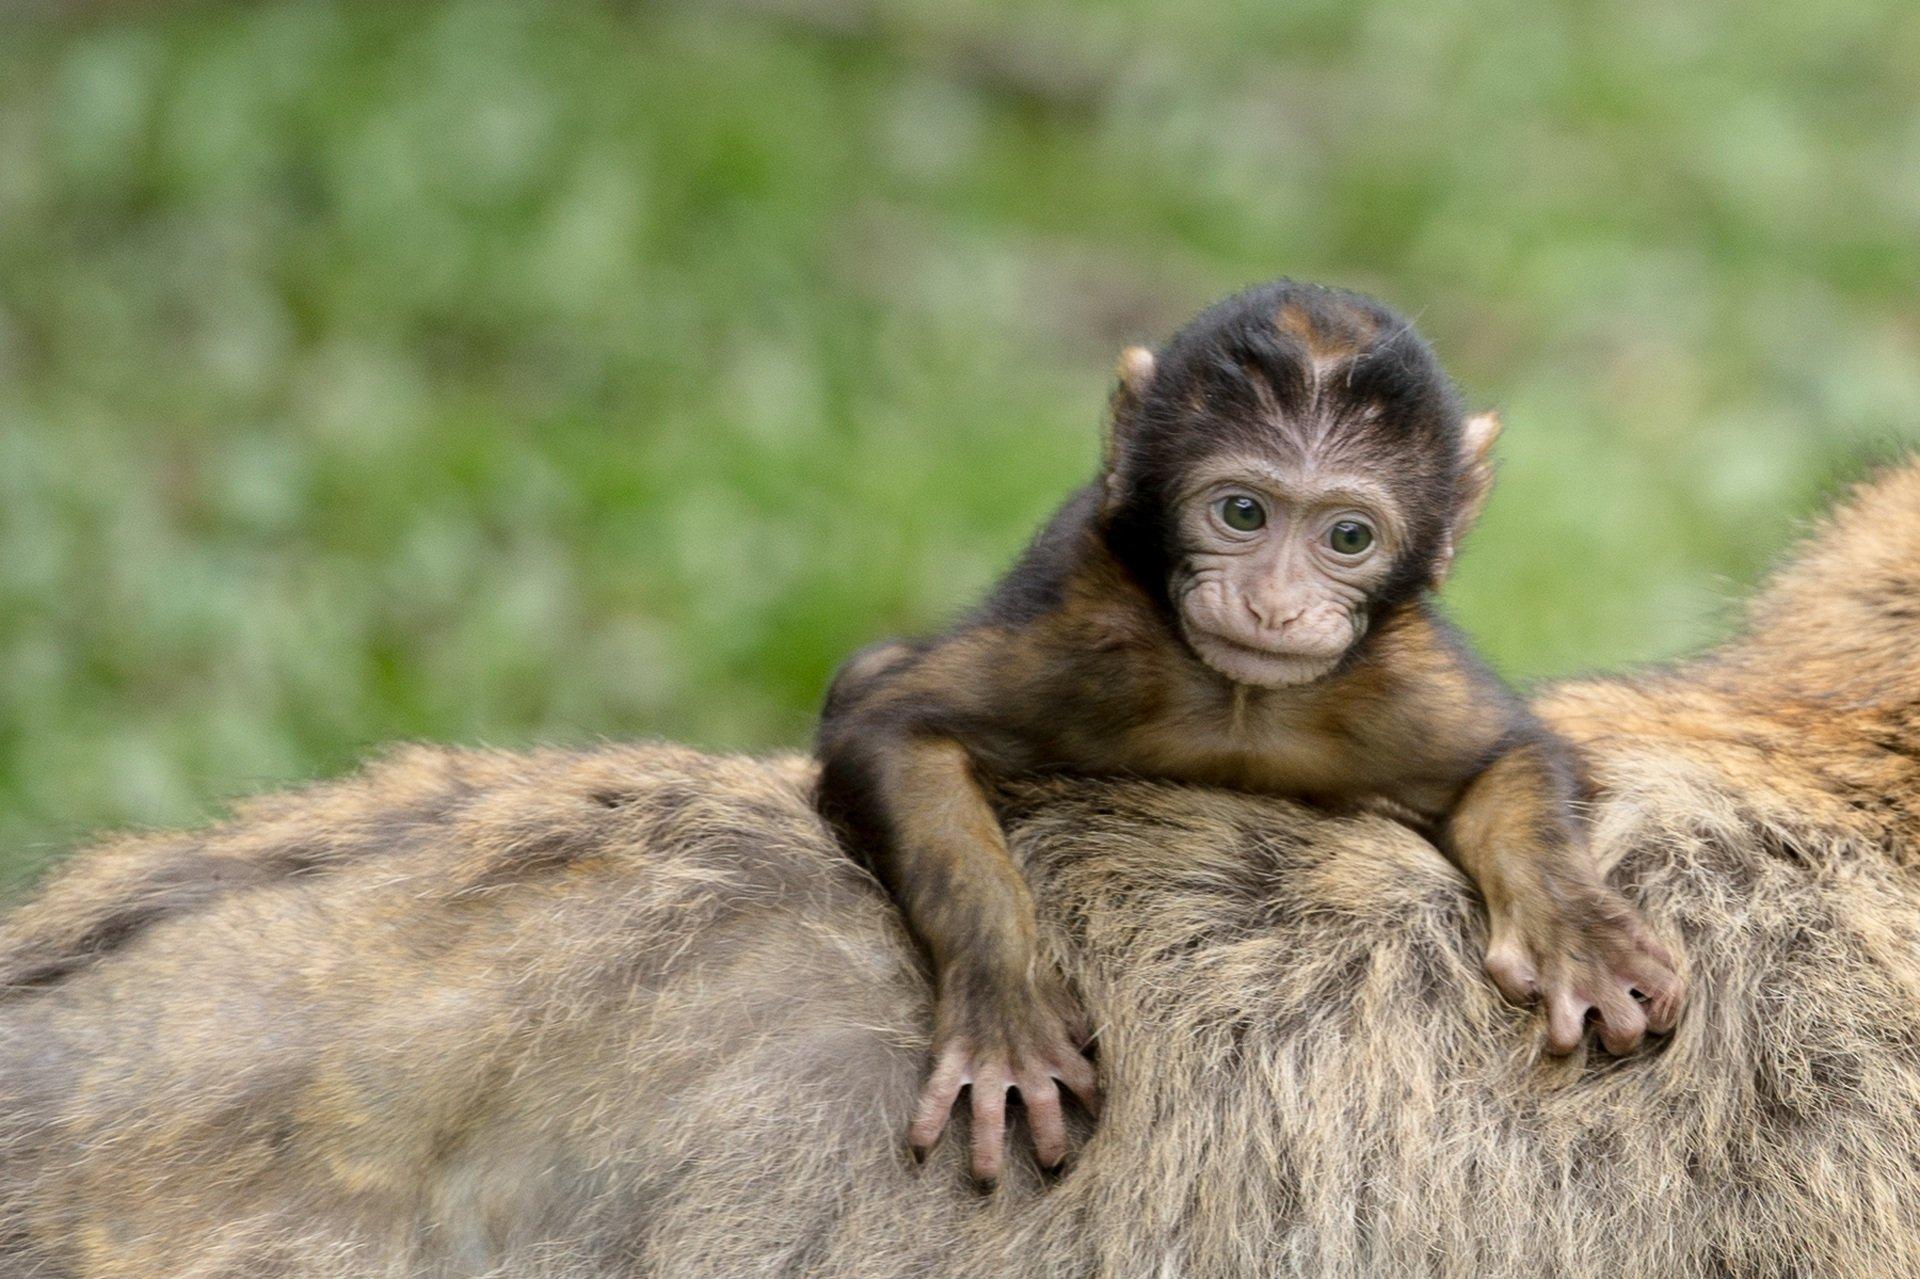 La comunidad de los monos muestra señales de una compleja jerarquía que es digna de competir con la de los humanos